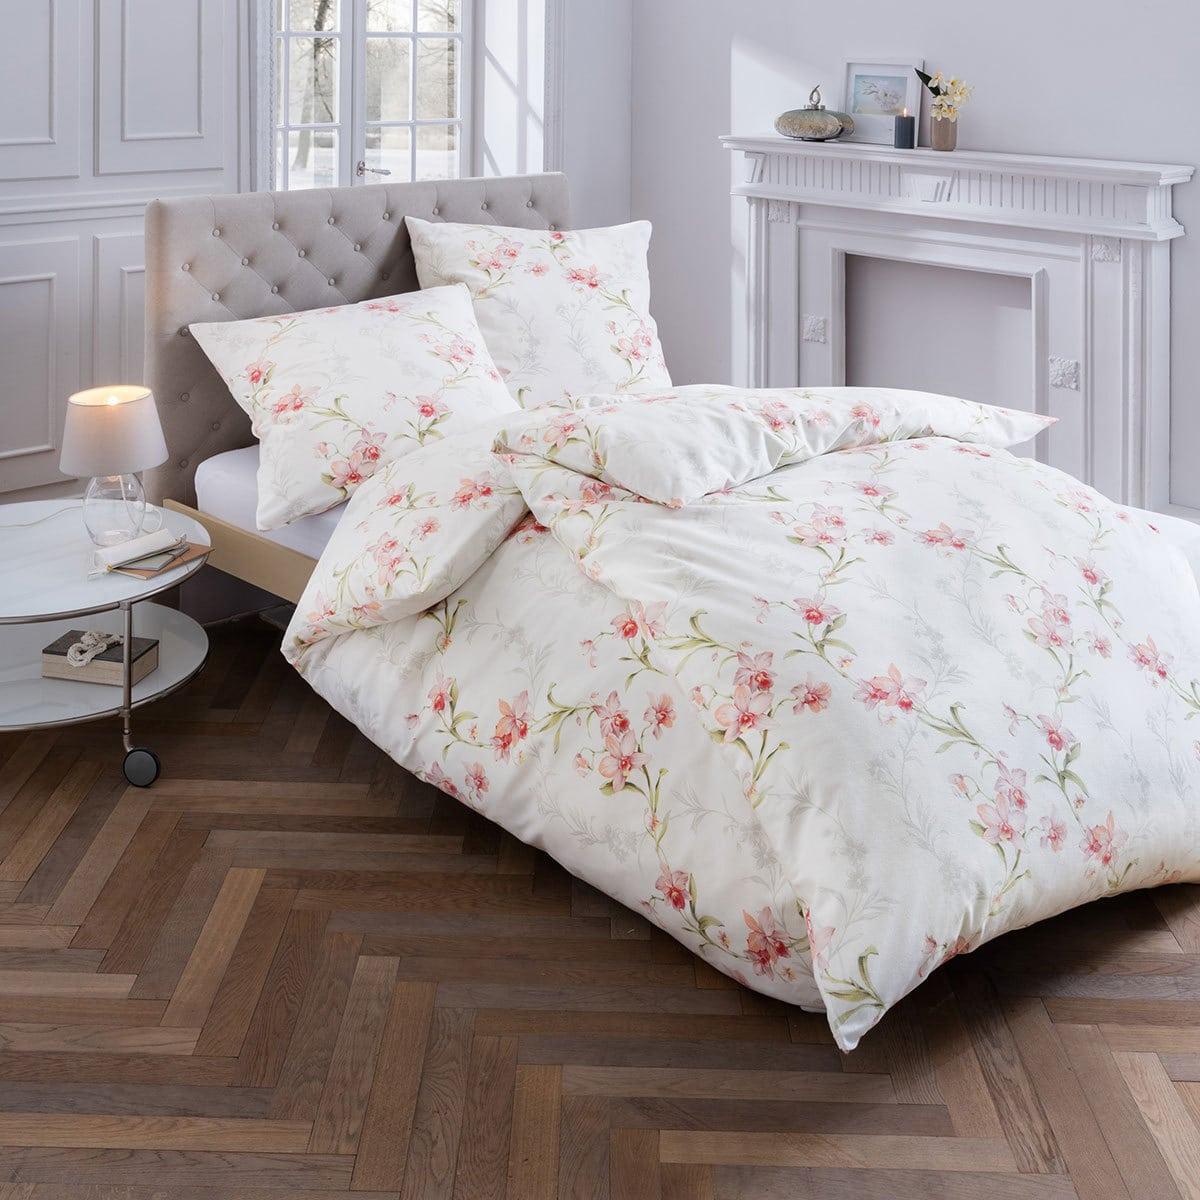 blume rasensprenger preisvergleich die besten angebote online kaufen. Black Bedroom Furniture Sets. Home Design Ideas